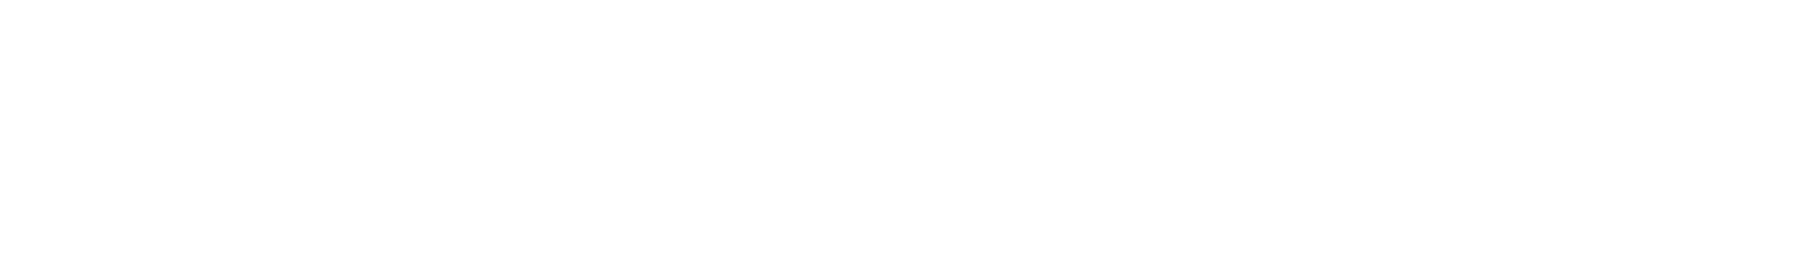 blbc jazzyripper 95 a